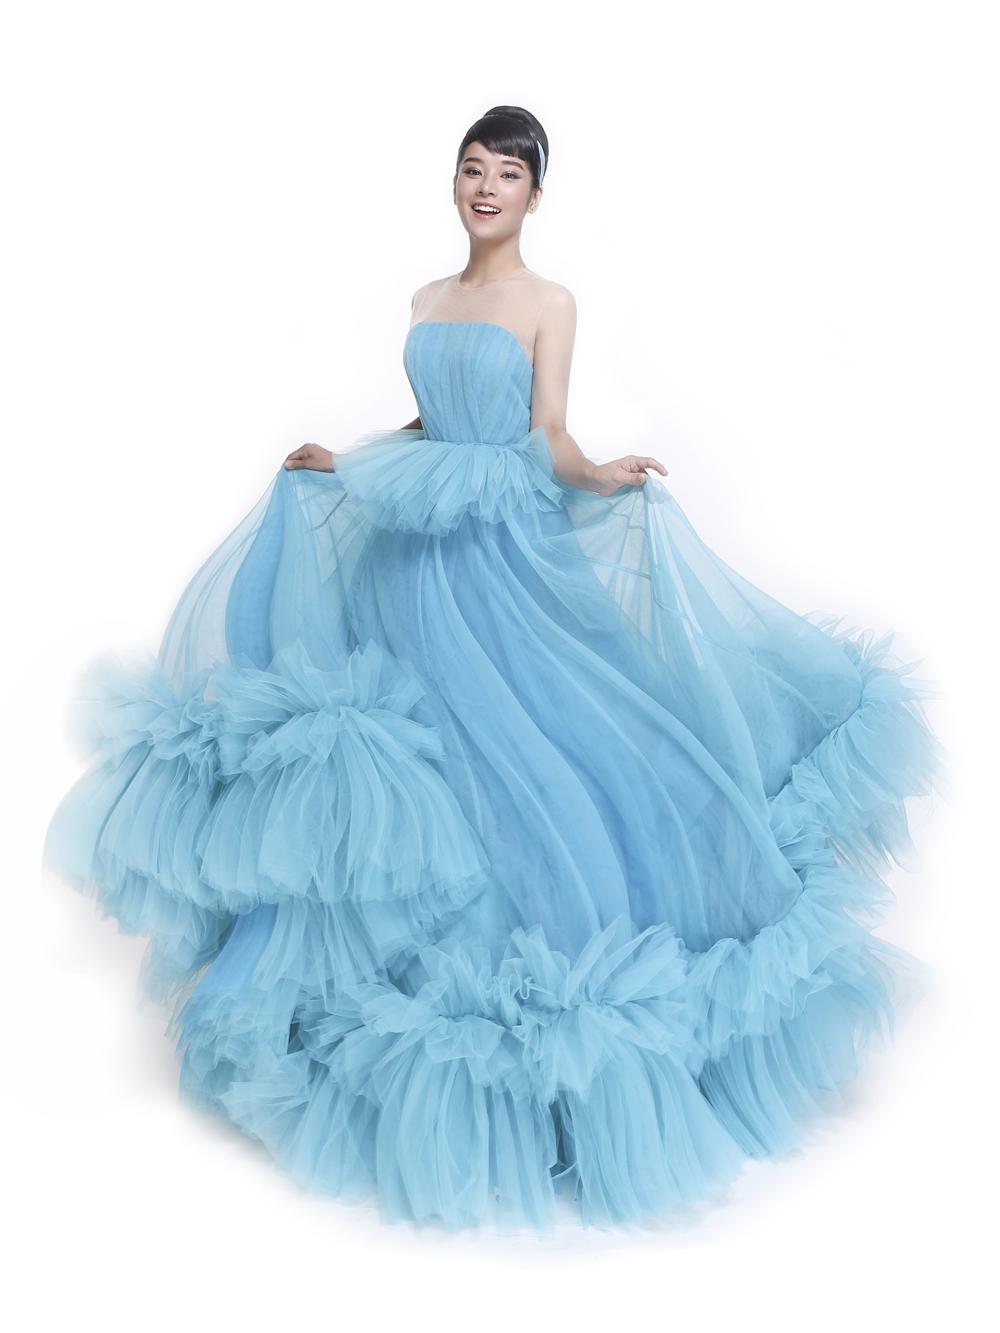 Hoàng Yến Chibi trở thành một nhân vật cực kỳ quen thuộc - nàng Lọ lem Cinderella.